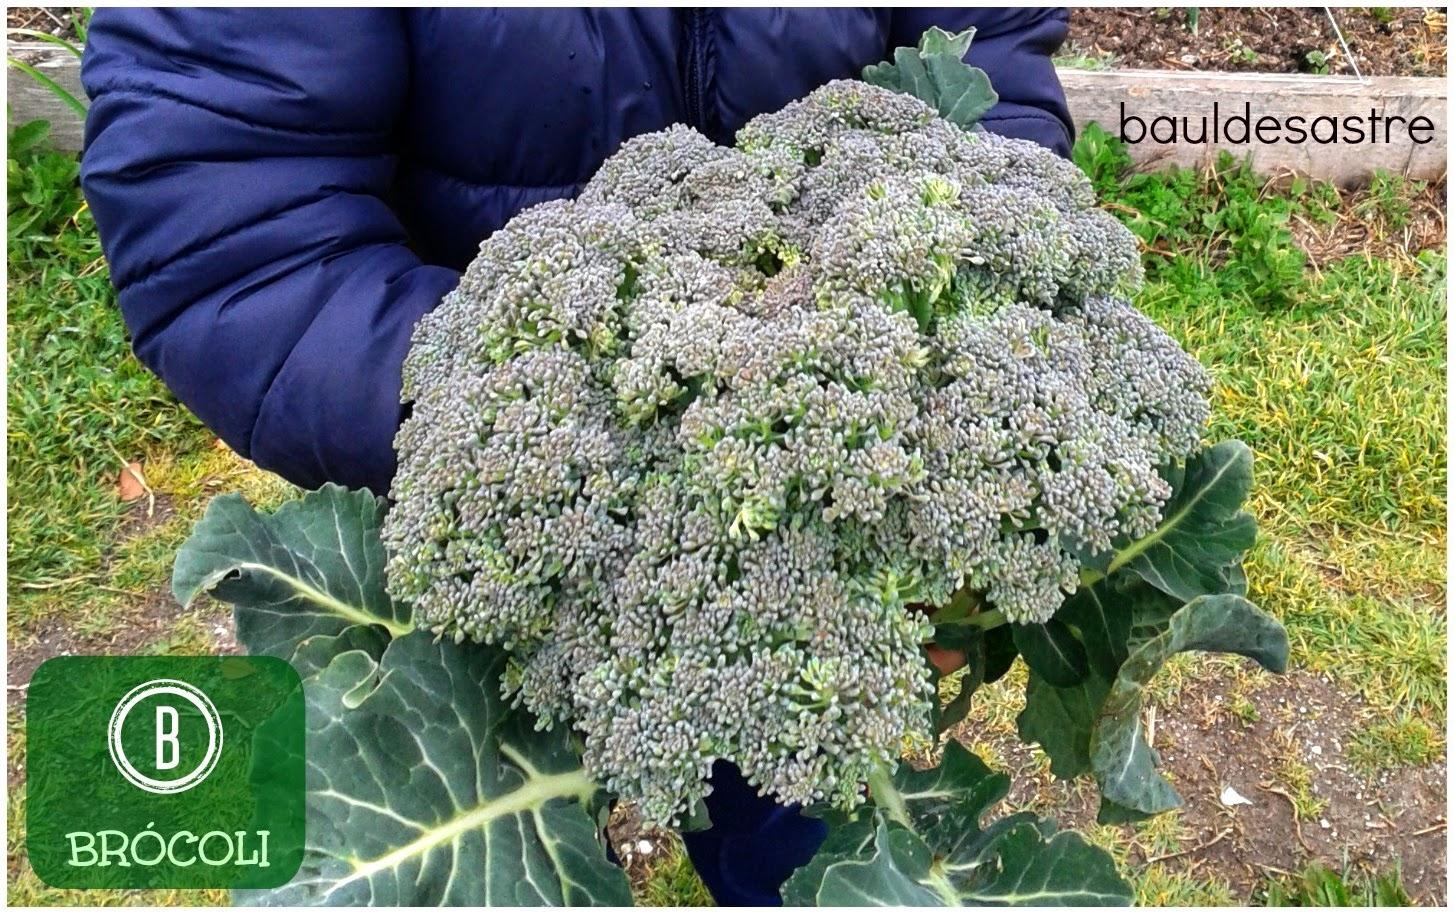 B de brócoli